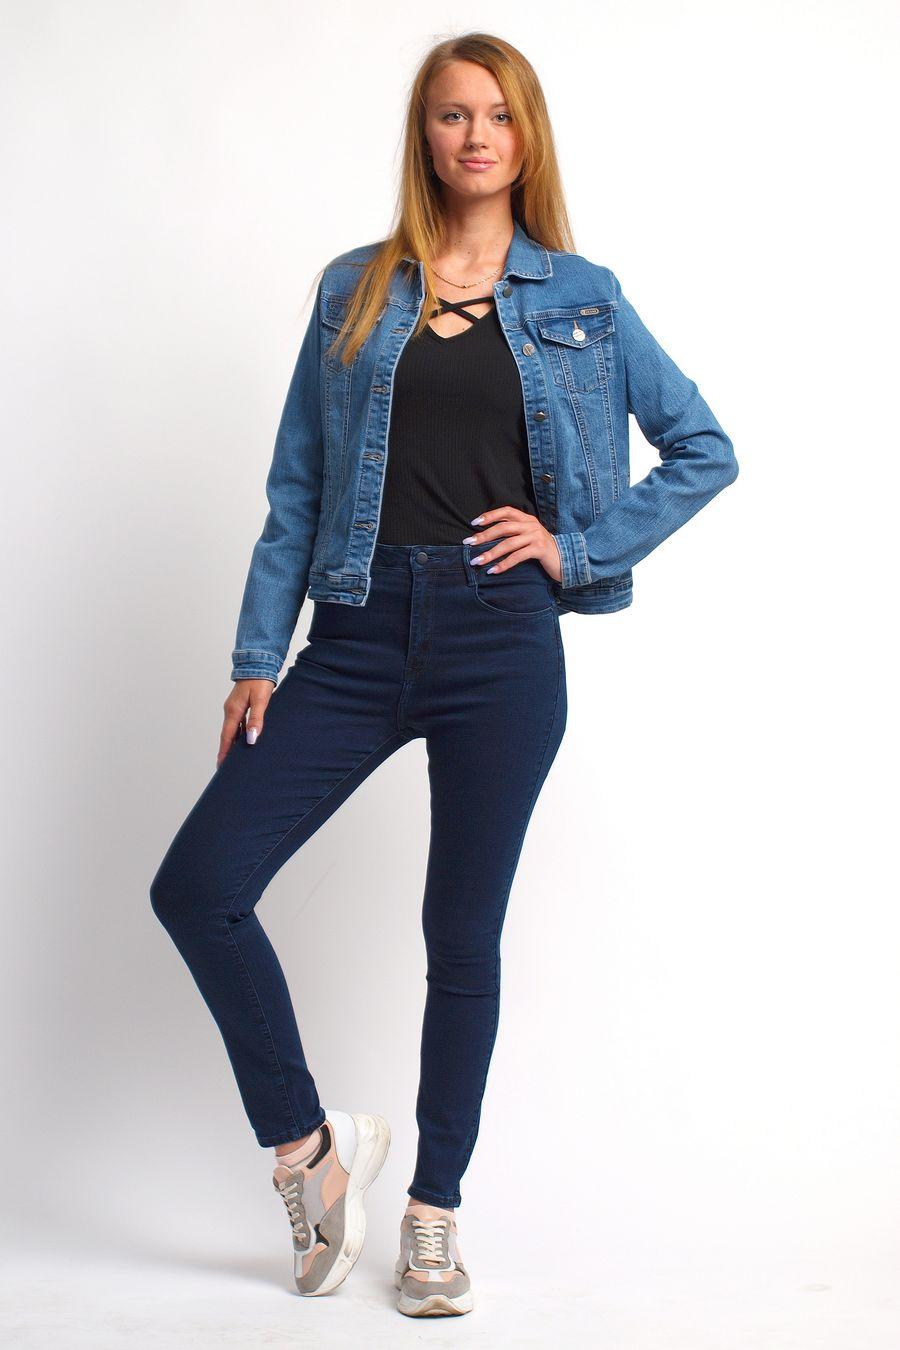 Пиджак женский (джинсовка) Bicstar 2508-AW - фото 2